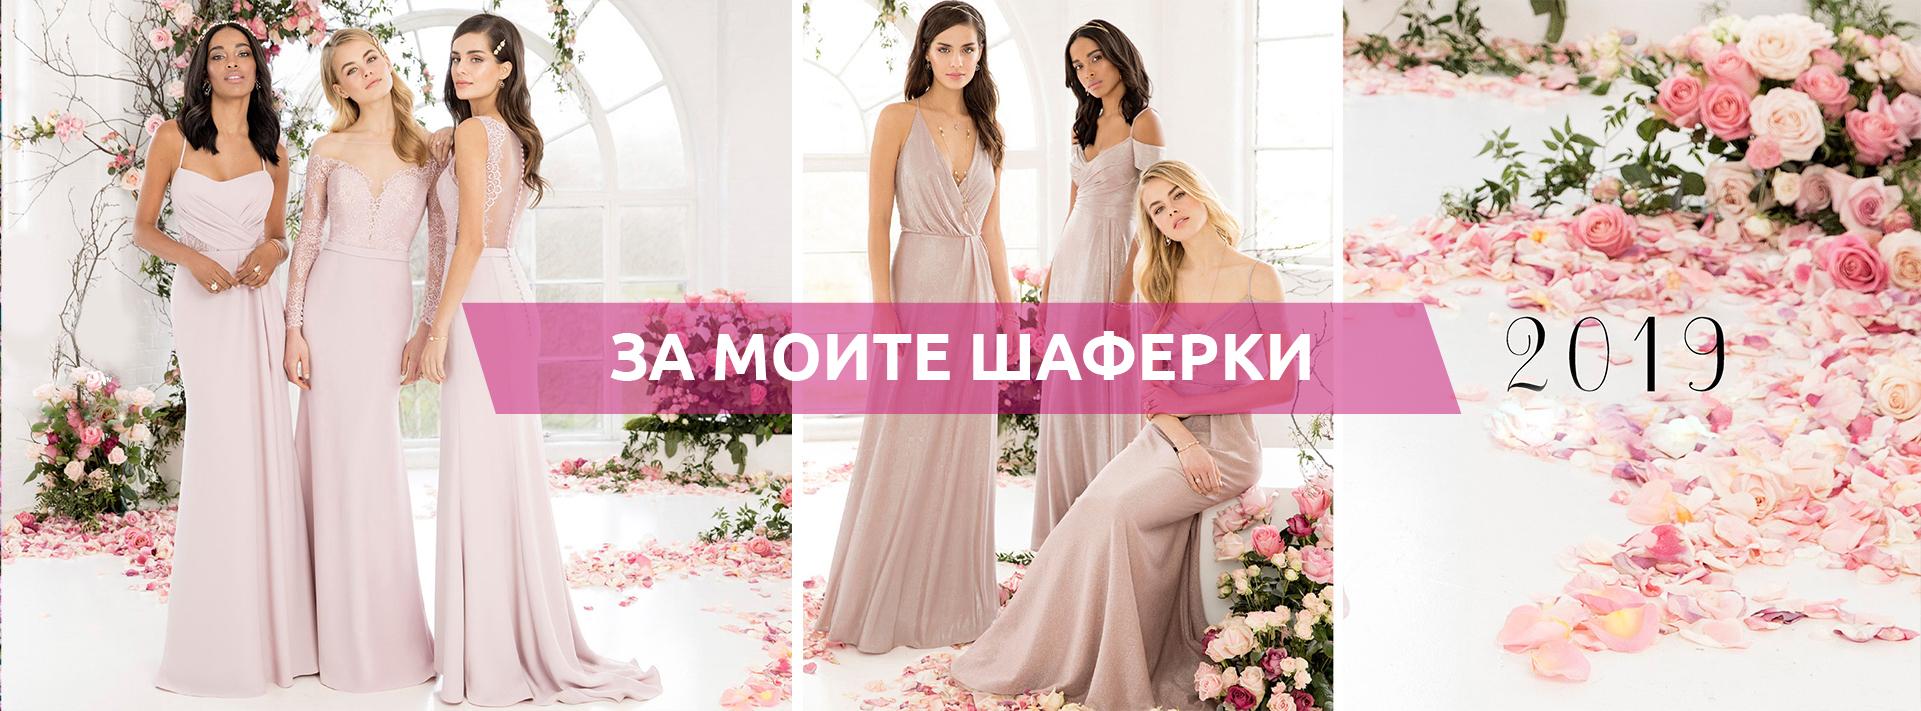 shaferki-2019-Cover-BG